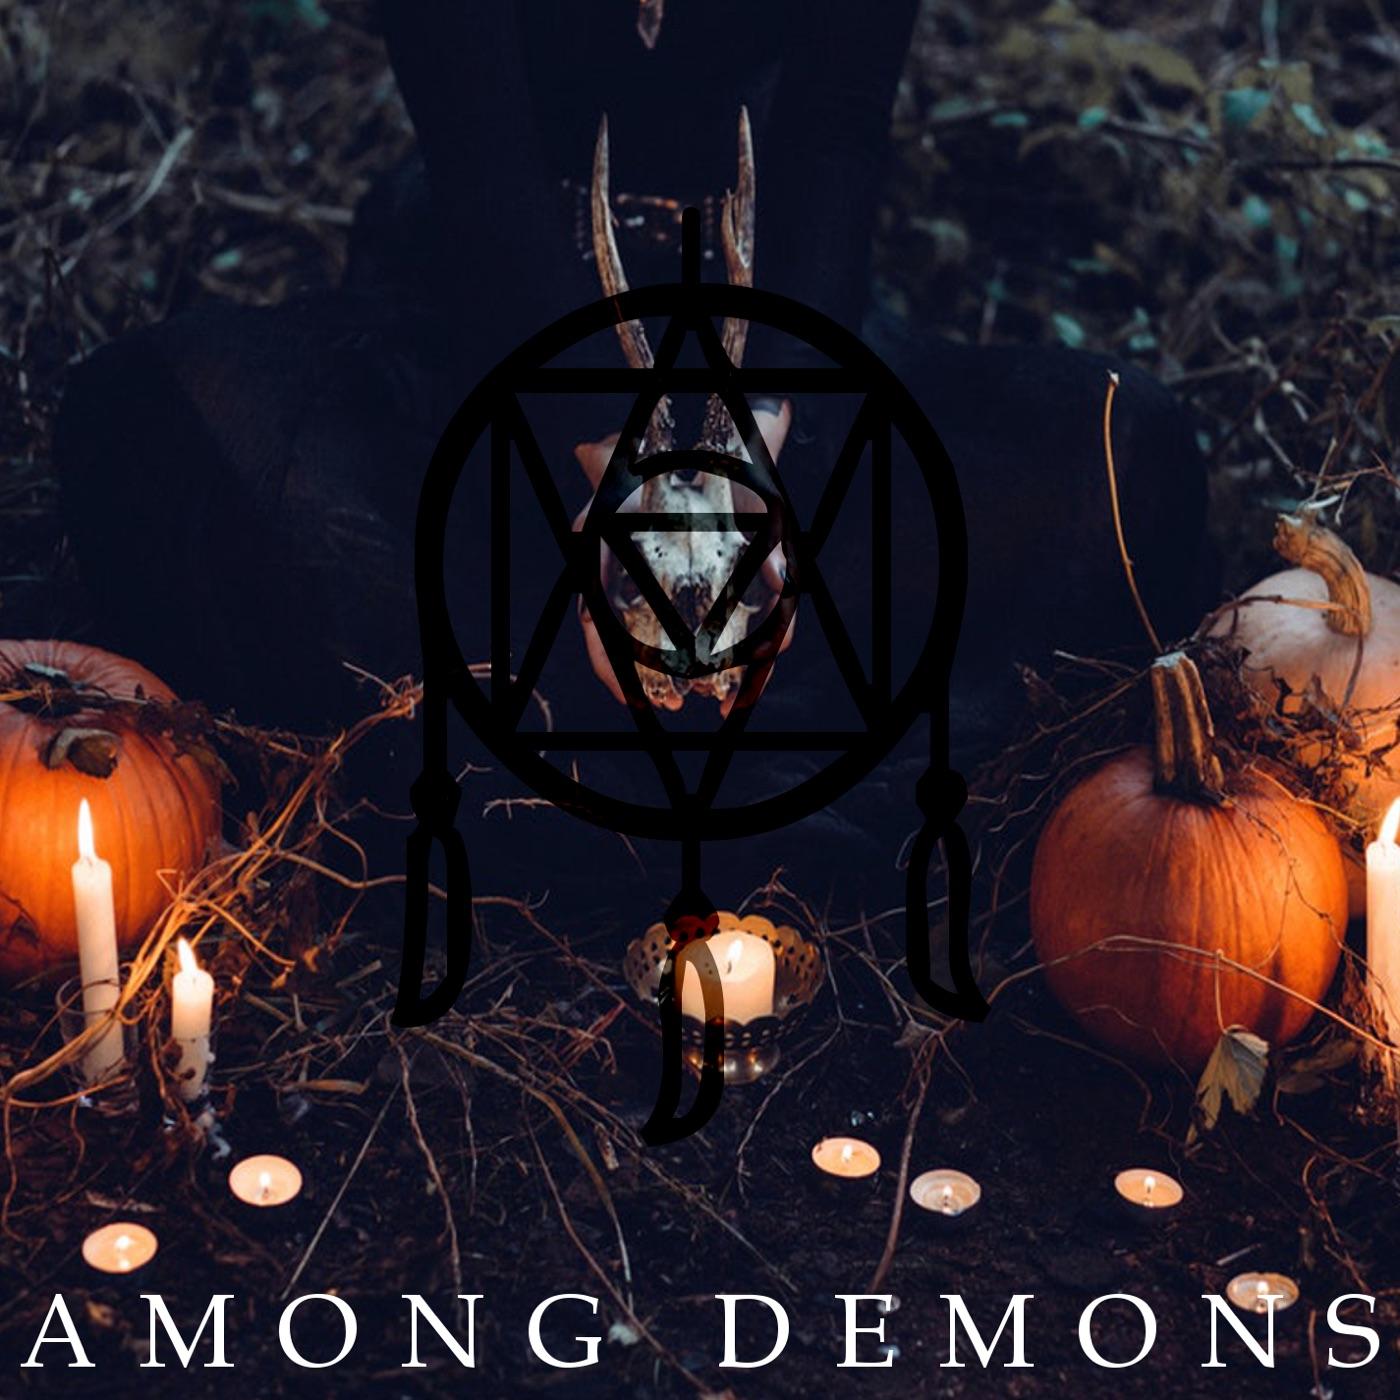 Among Demons - Among Demons (2019)